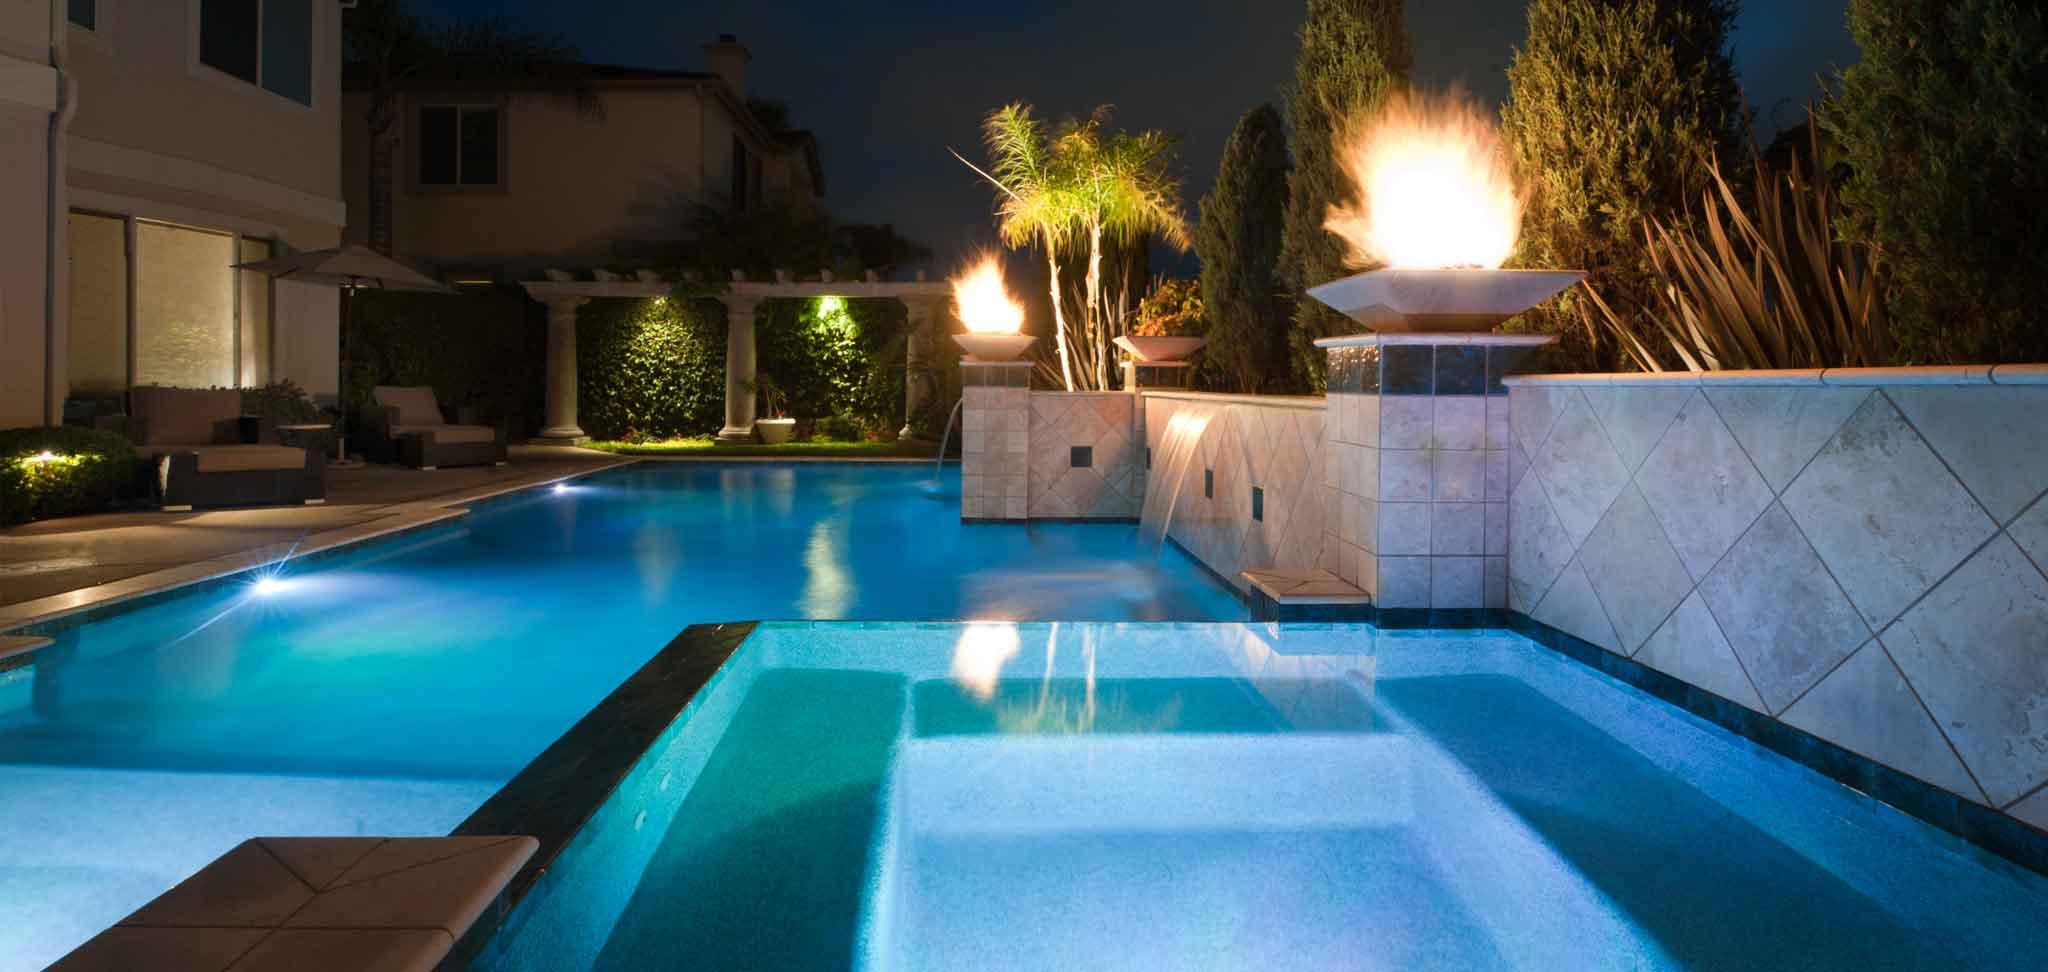 swimming-pool-remodel